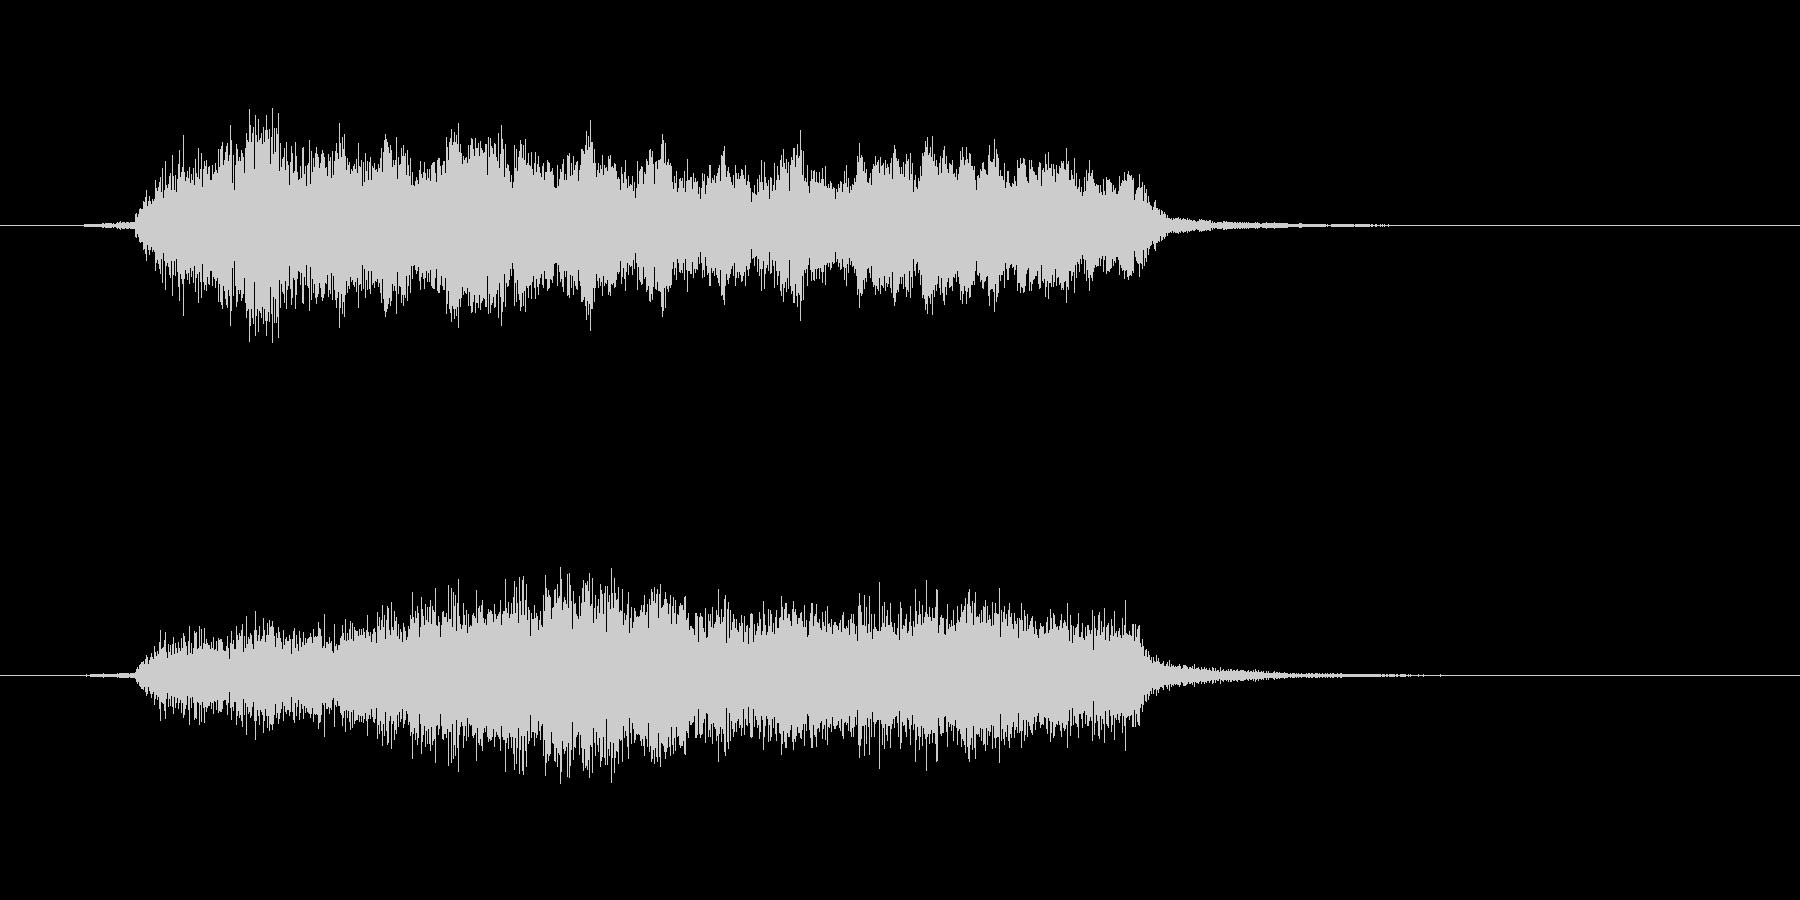 カッコいいオーケストラのジングルの未再生の波形